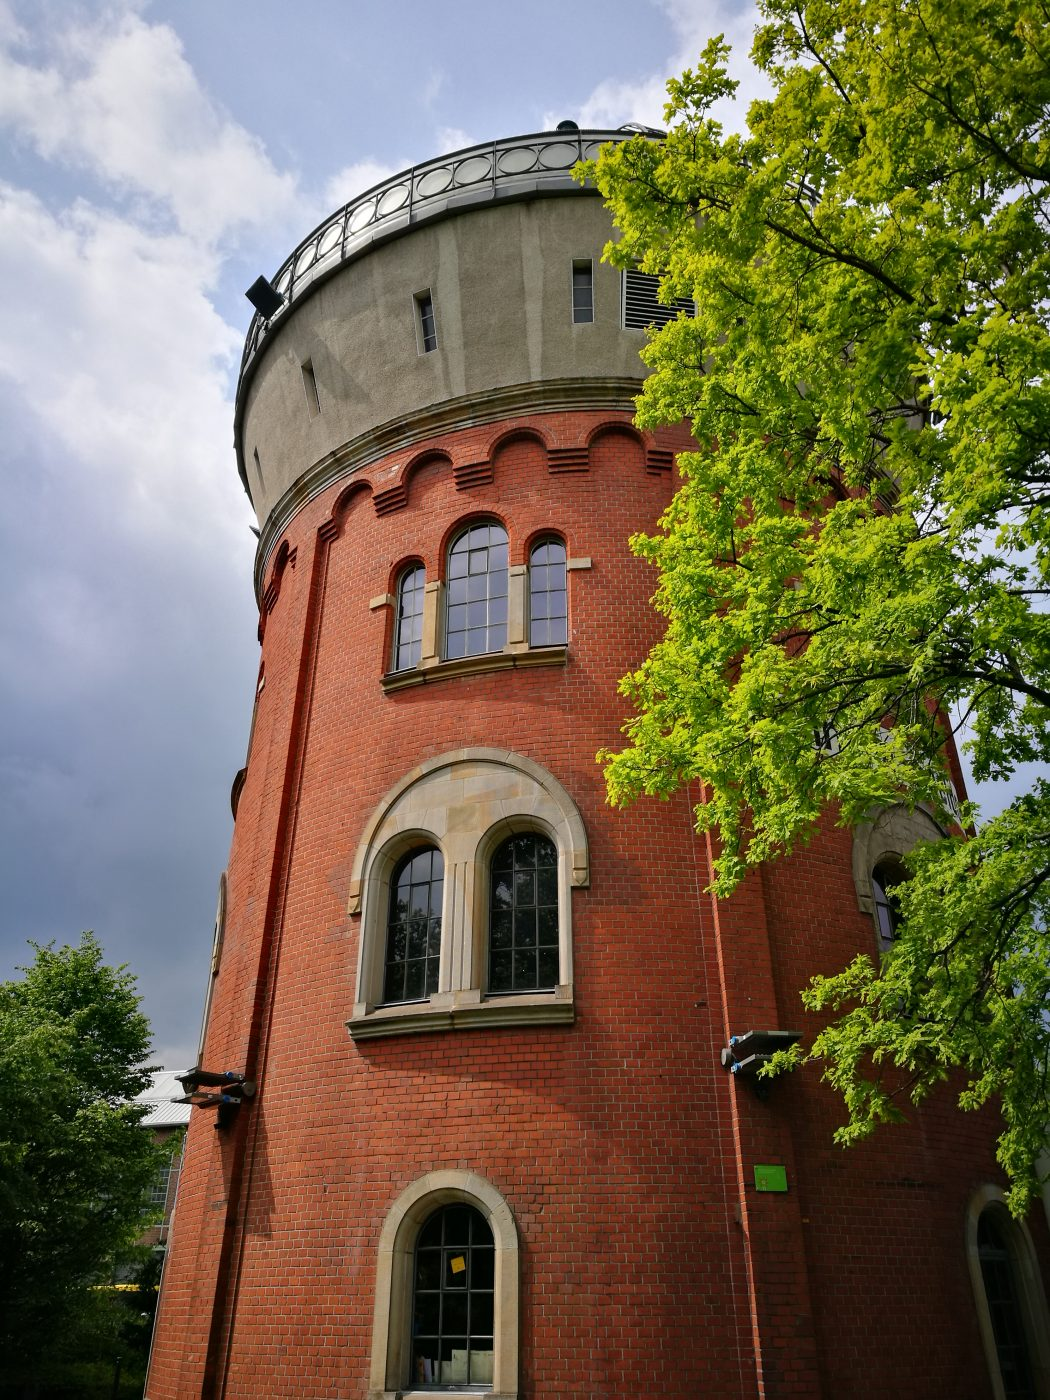 Das Bild zeigt einen Wasserturm